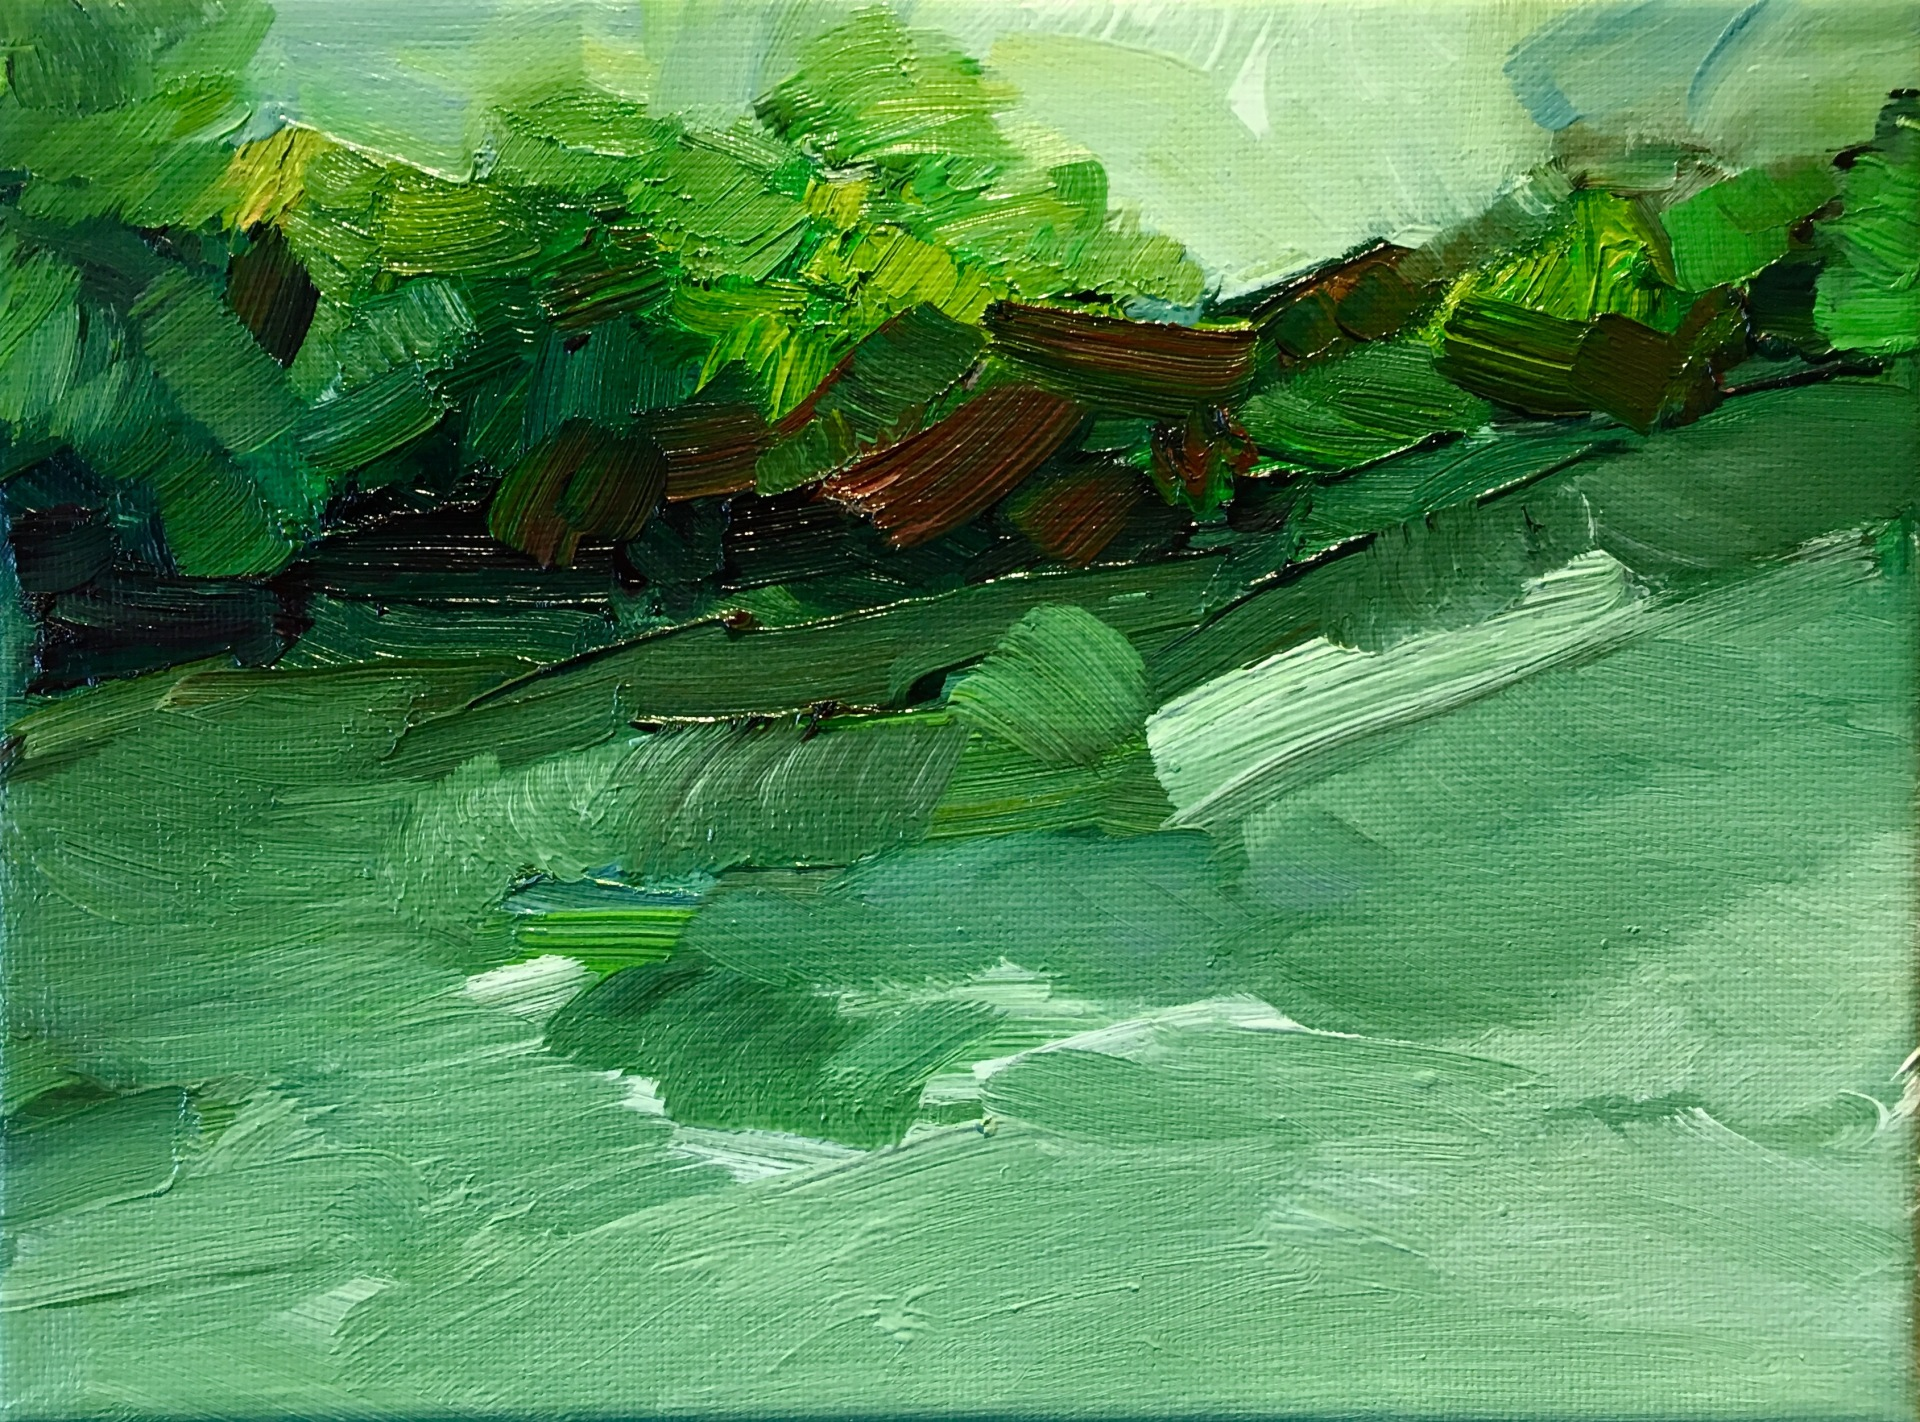 River Study - Héricy sur Seine